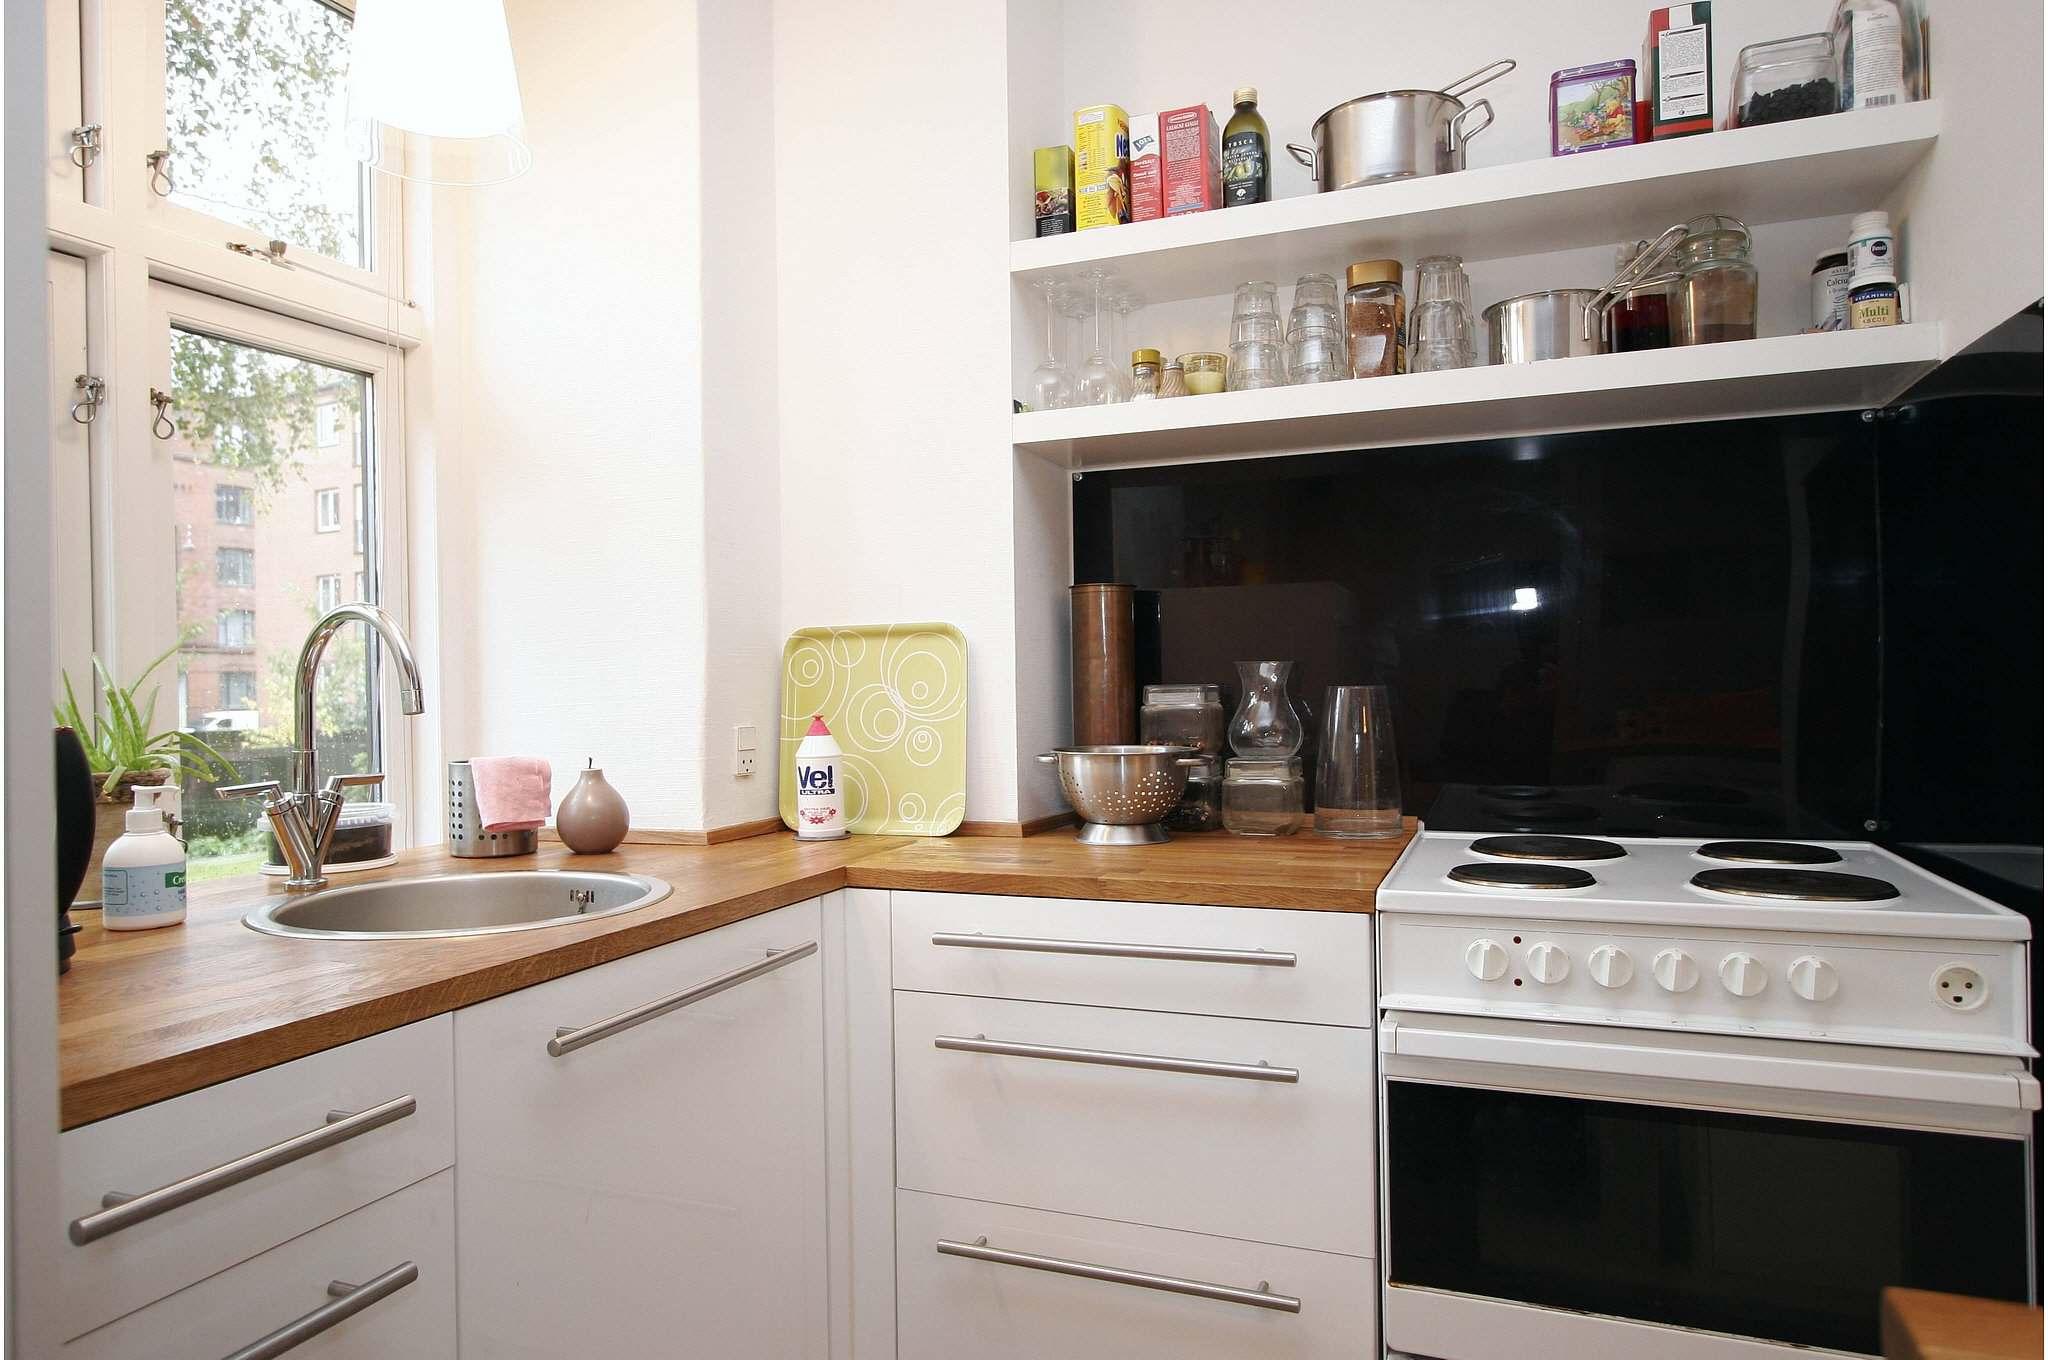 Køkken   De åbne hylder skaber et lettere udtryk end tunge overskabe.